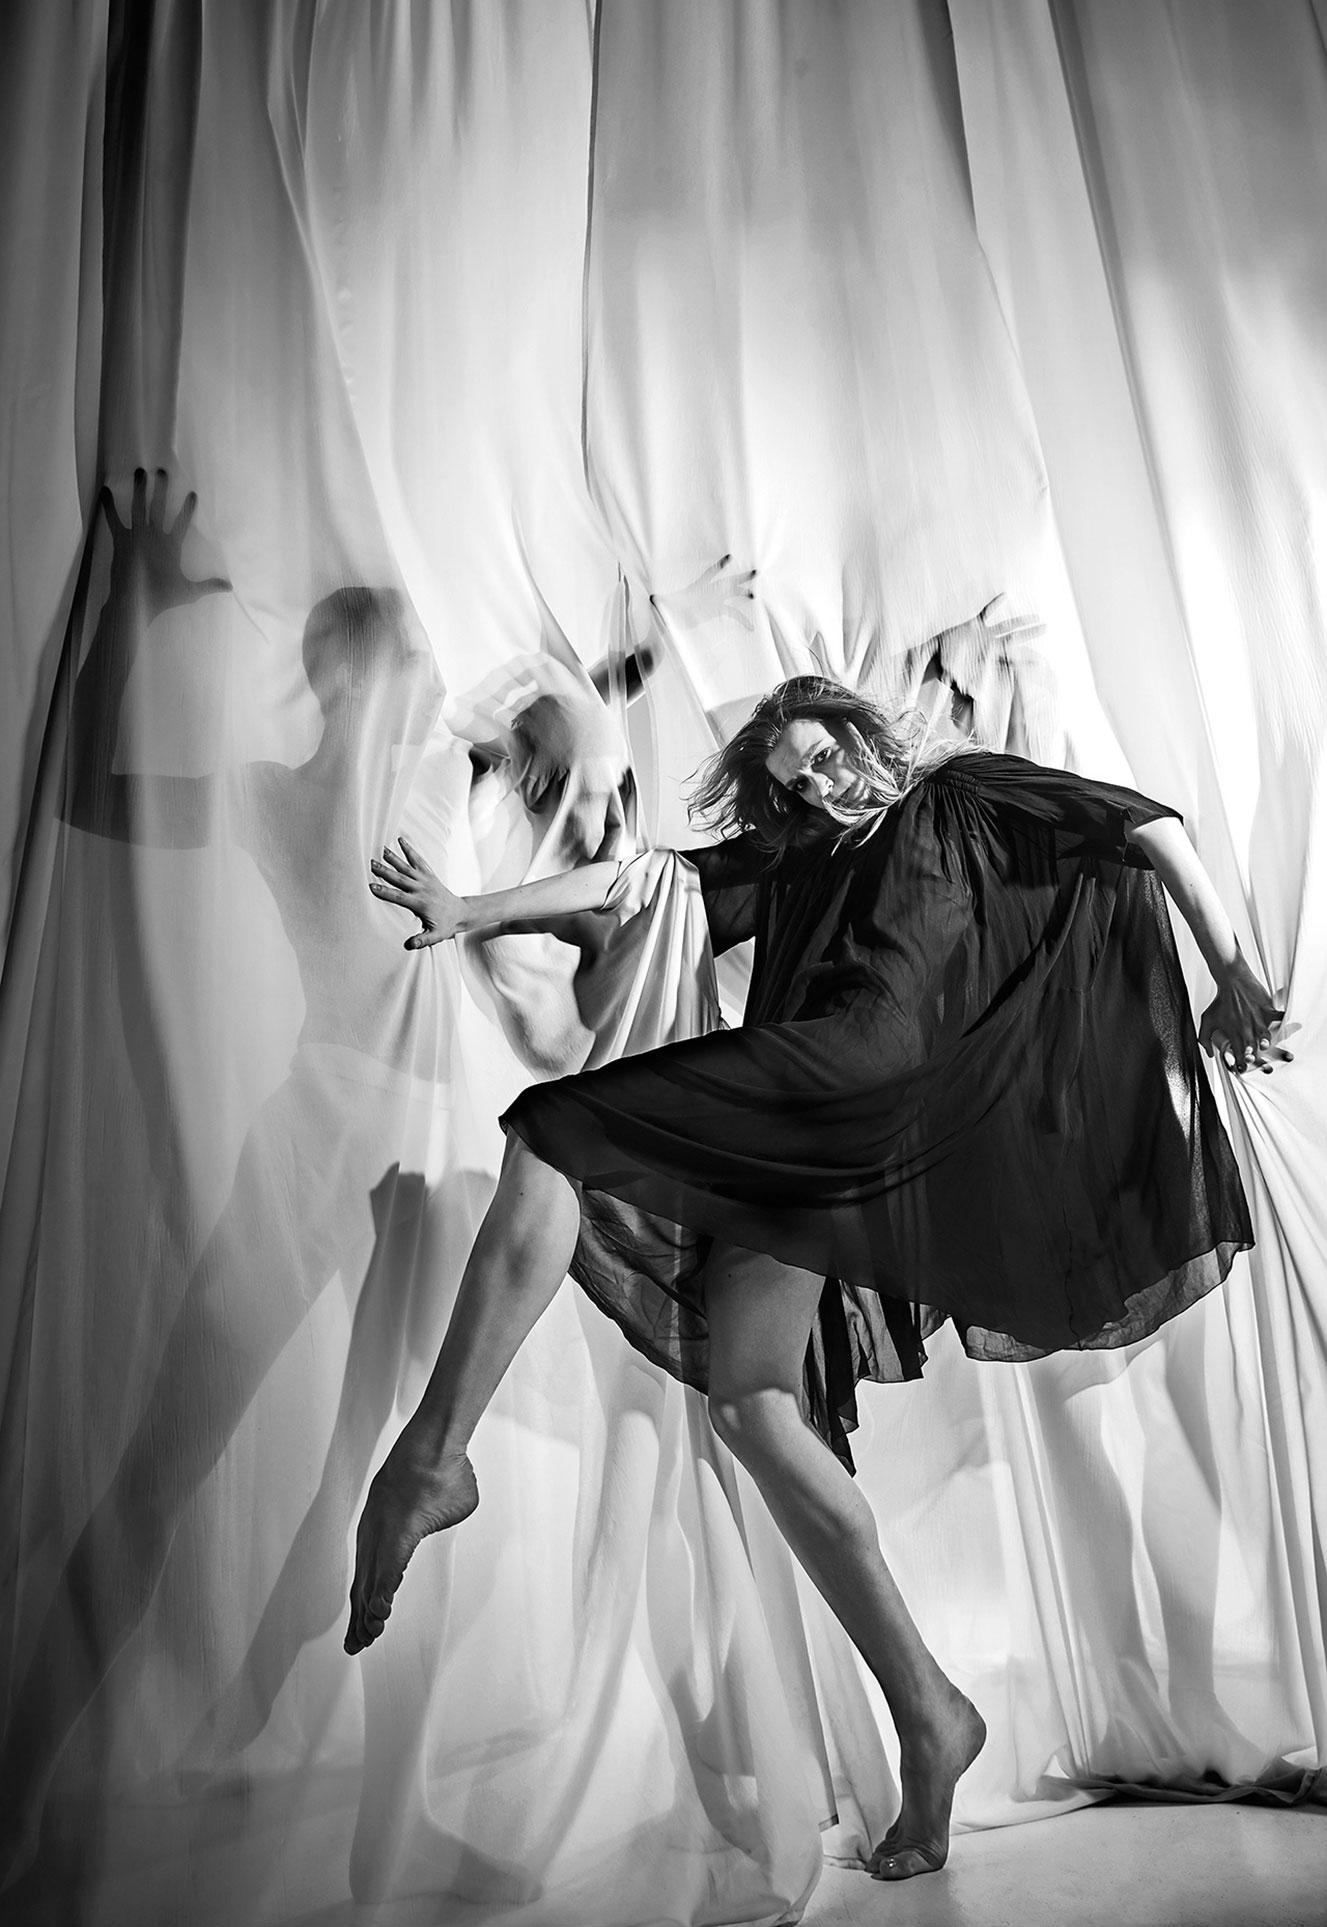 Анастасия Шевченко, прима-балерина Национальной Оперы Украины / фото 04